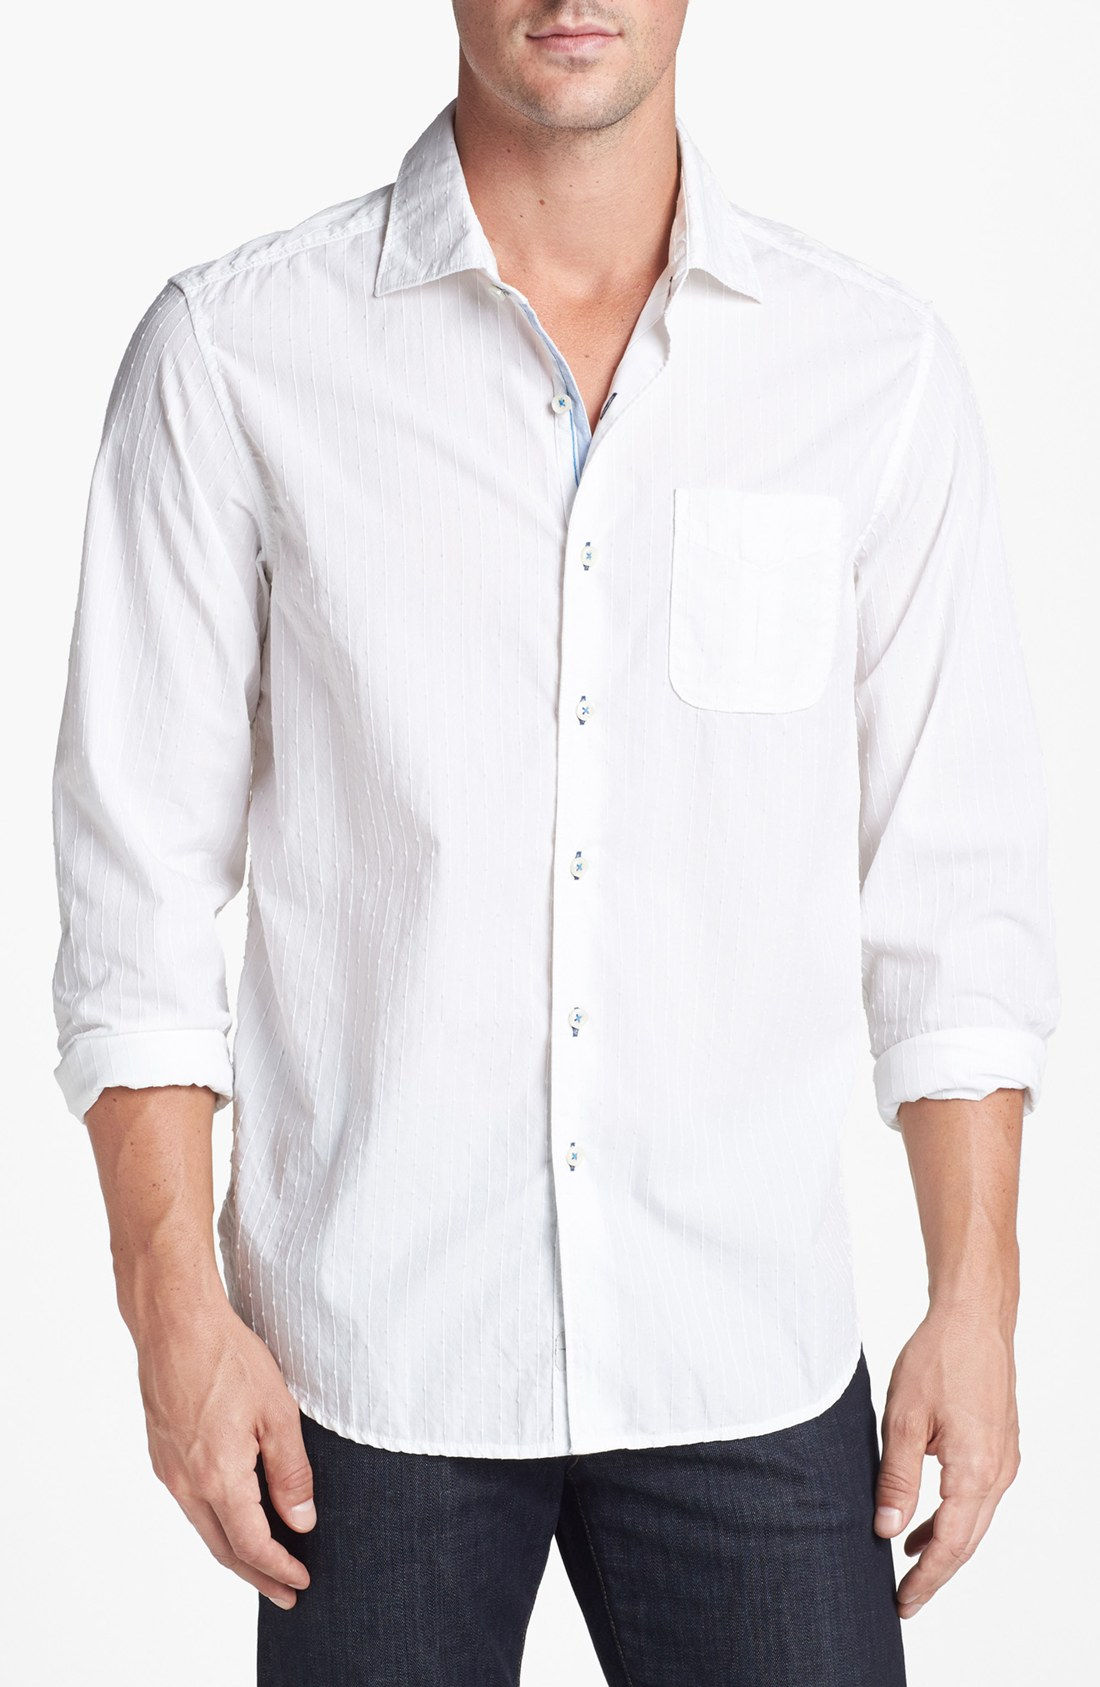 Tommy Bahama 3 Stripe N Seek Sport Shirt in White for Men